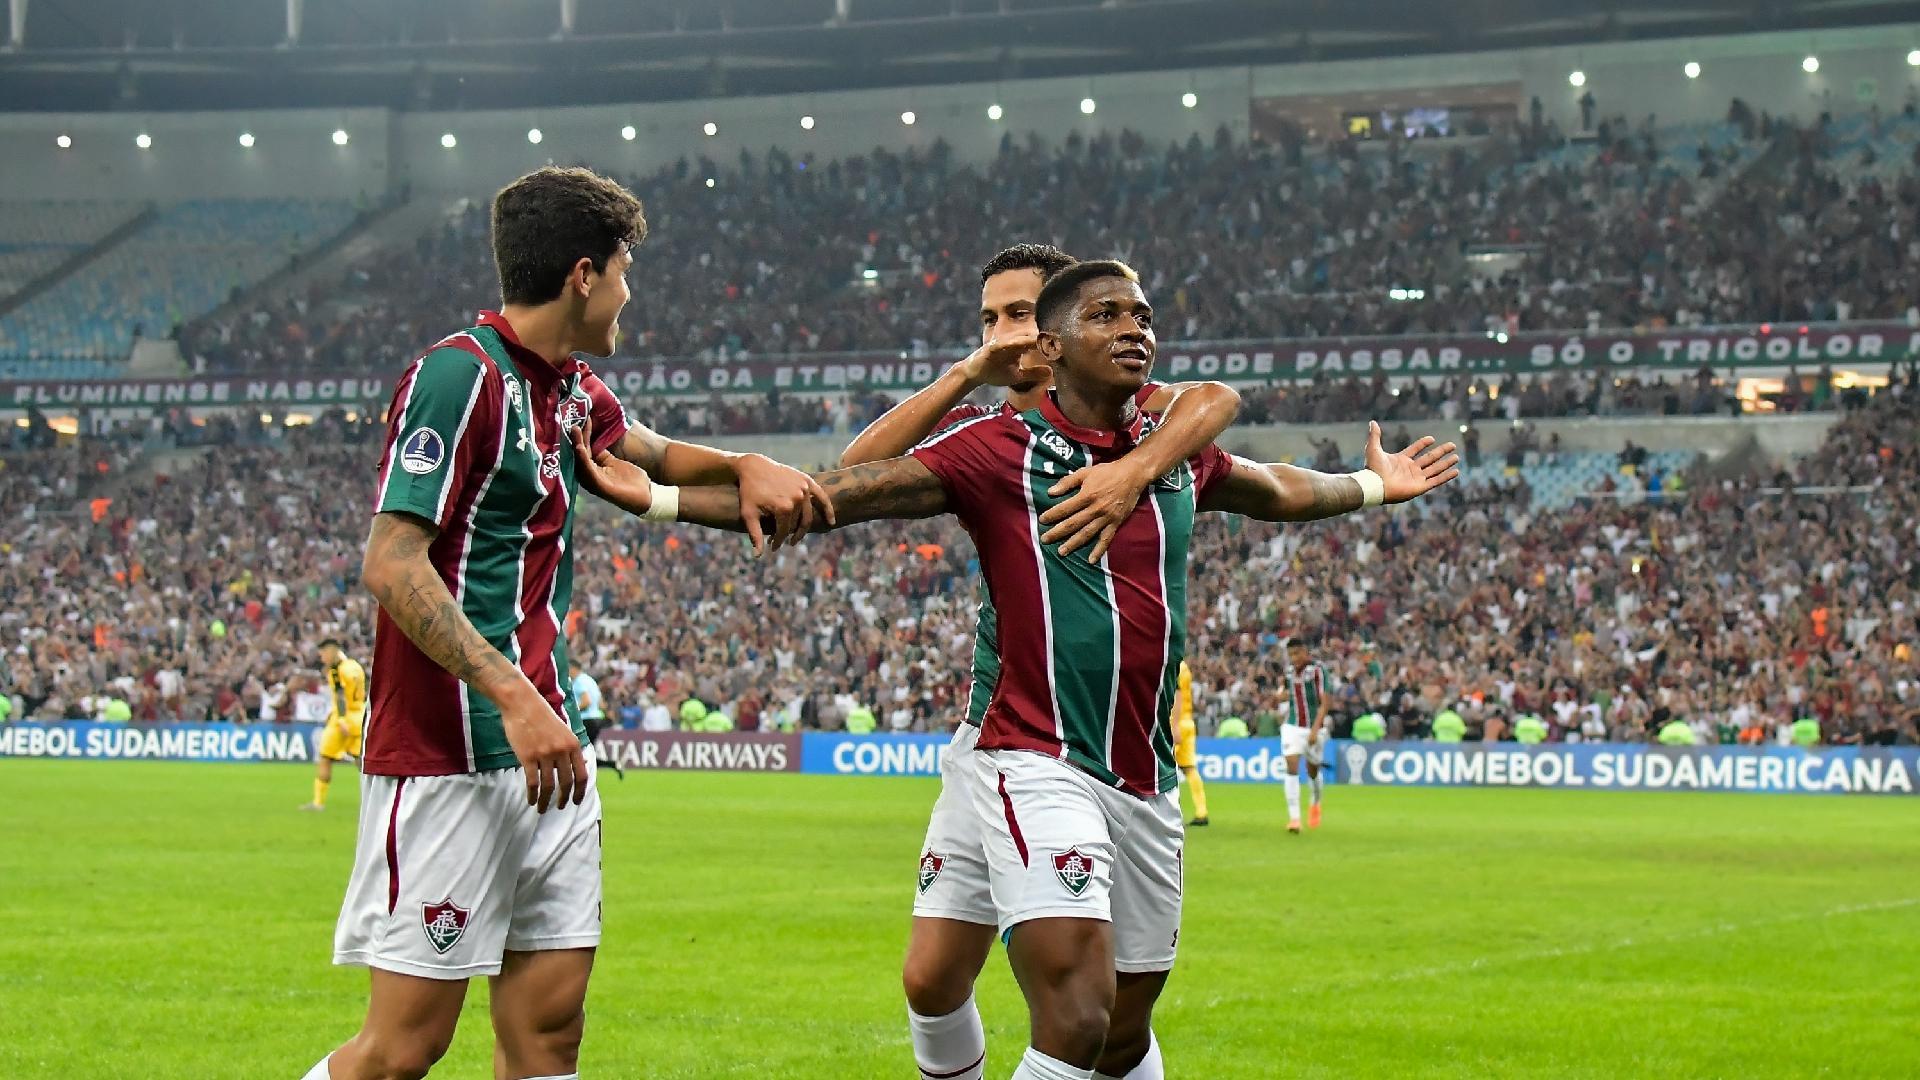 Yony González comemora gol do Fluminense contra o Peñarol